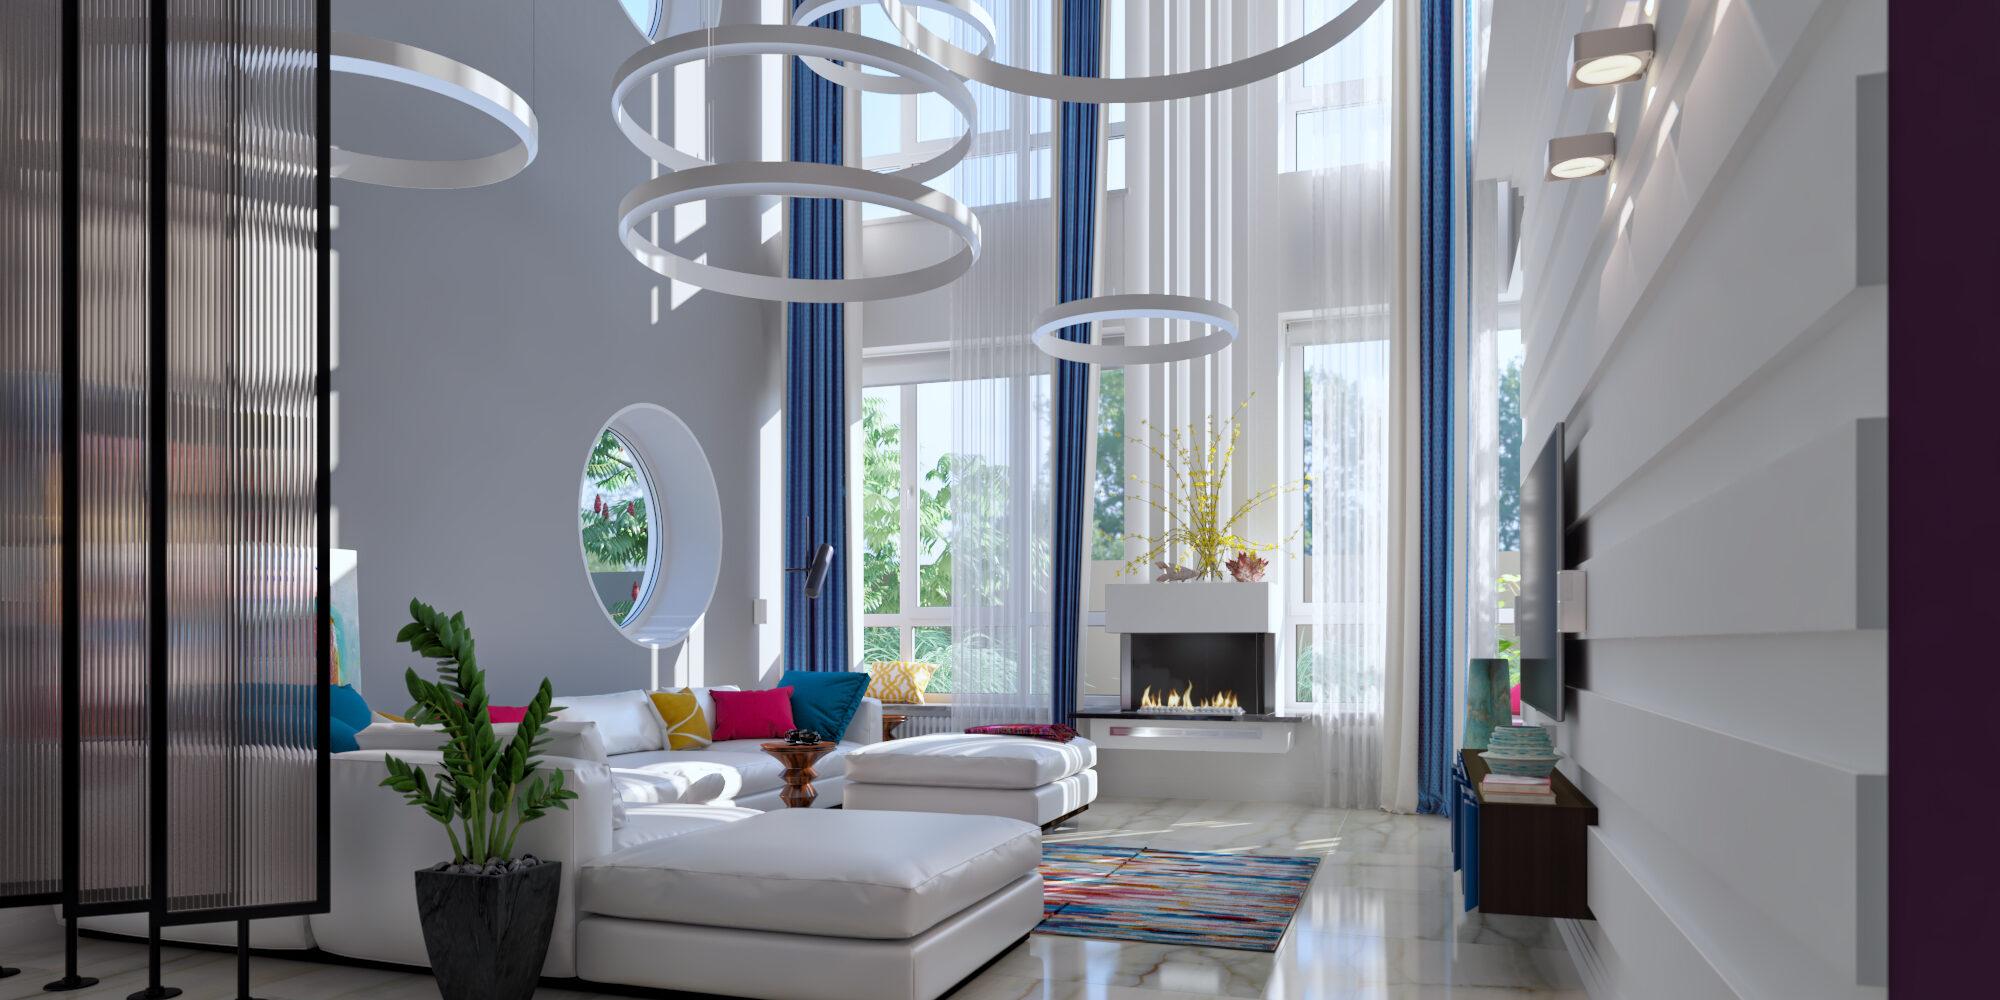 Интерьер гостиной со вторым светом и круглыми окнами.